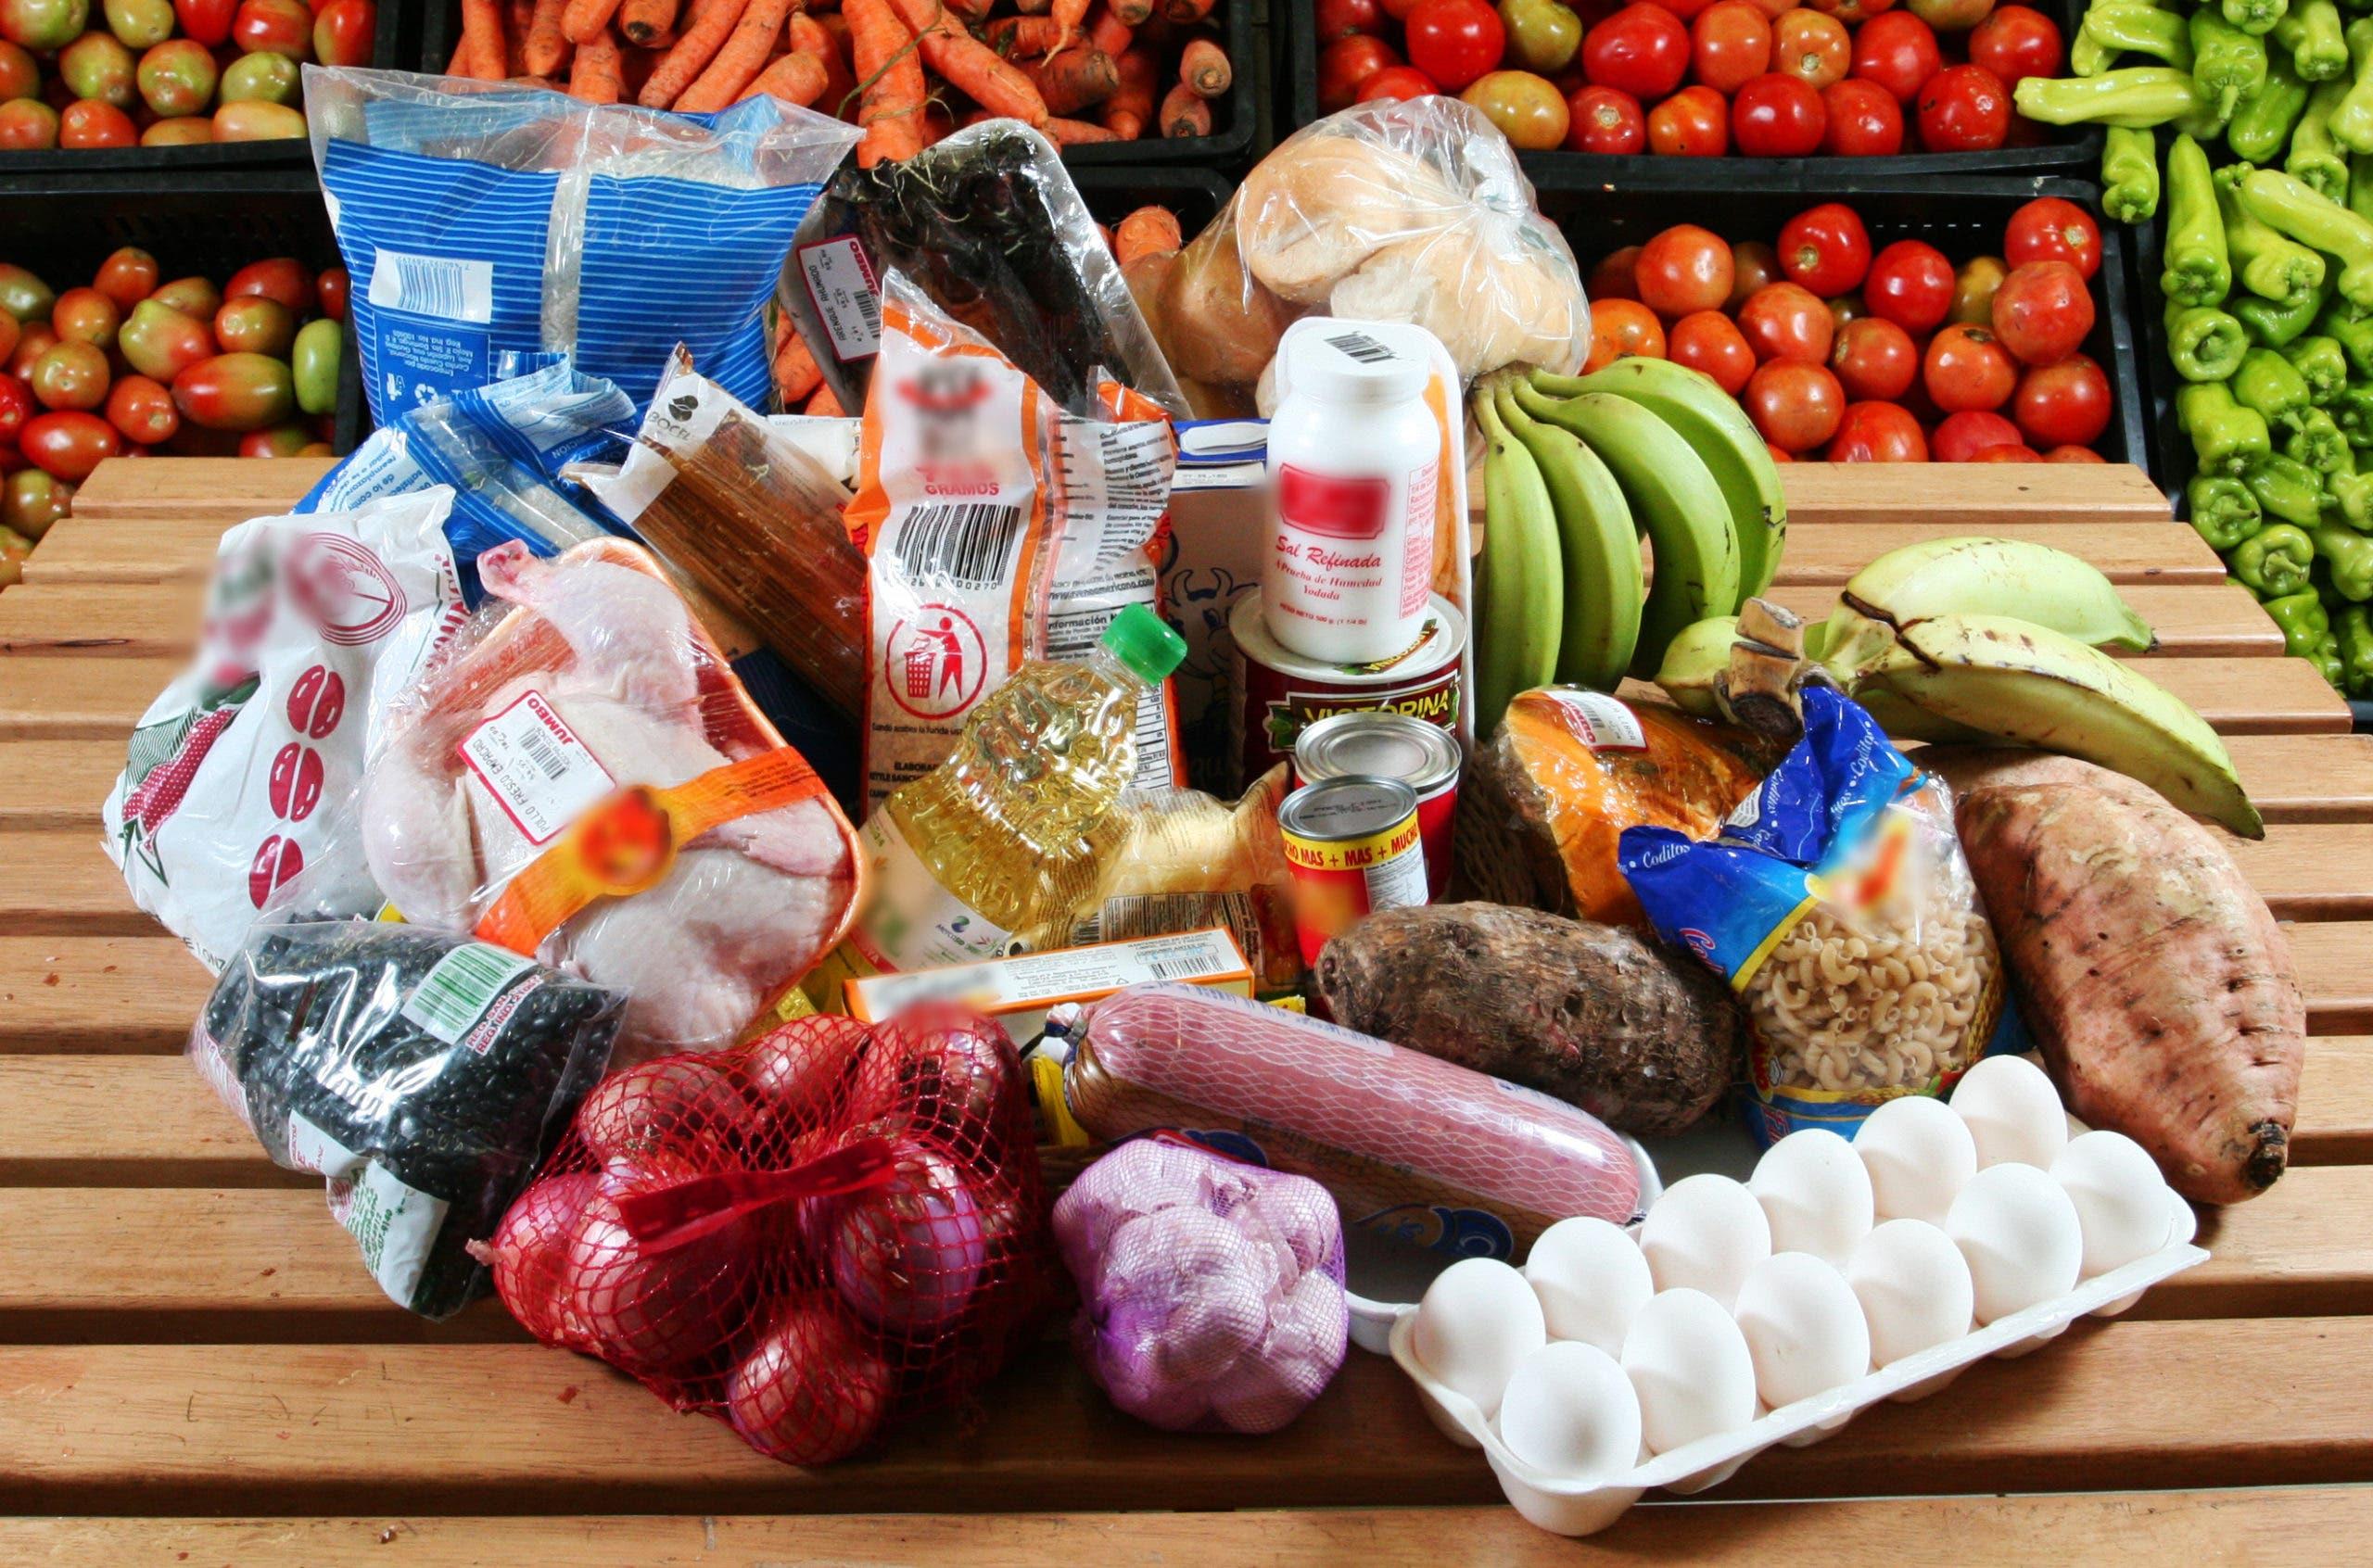 75 productos primera necesidad han disminuido sus precios en las últimas semanas, dice Pro Consumidor